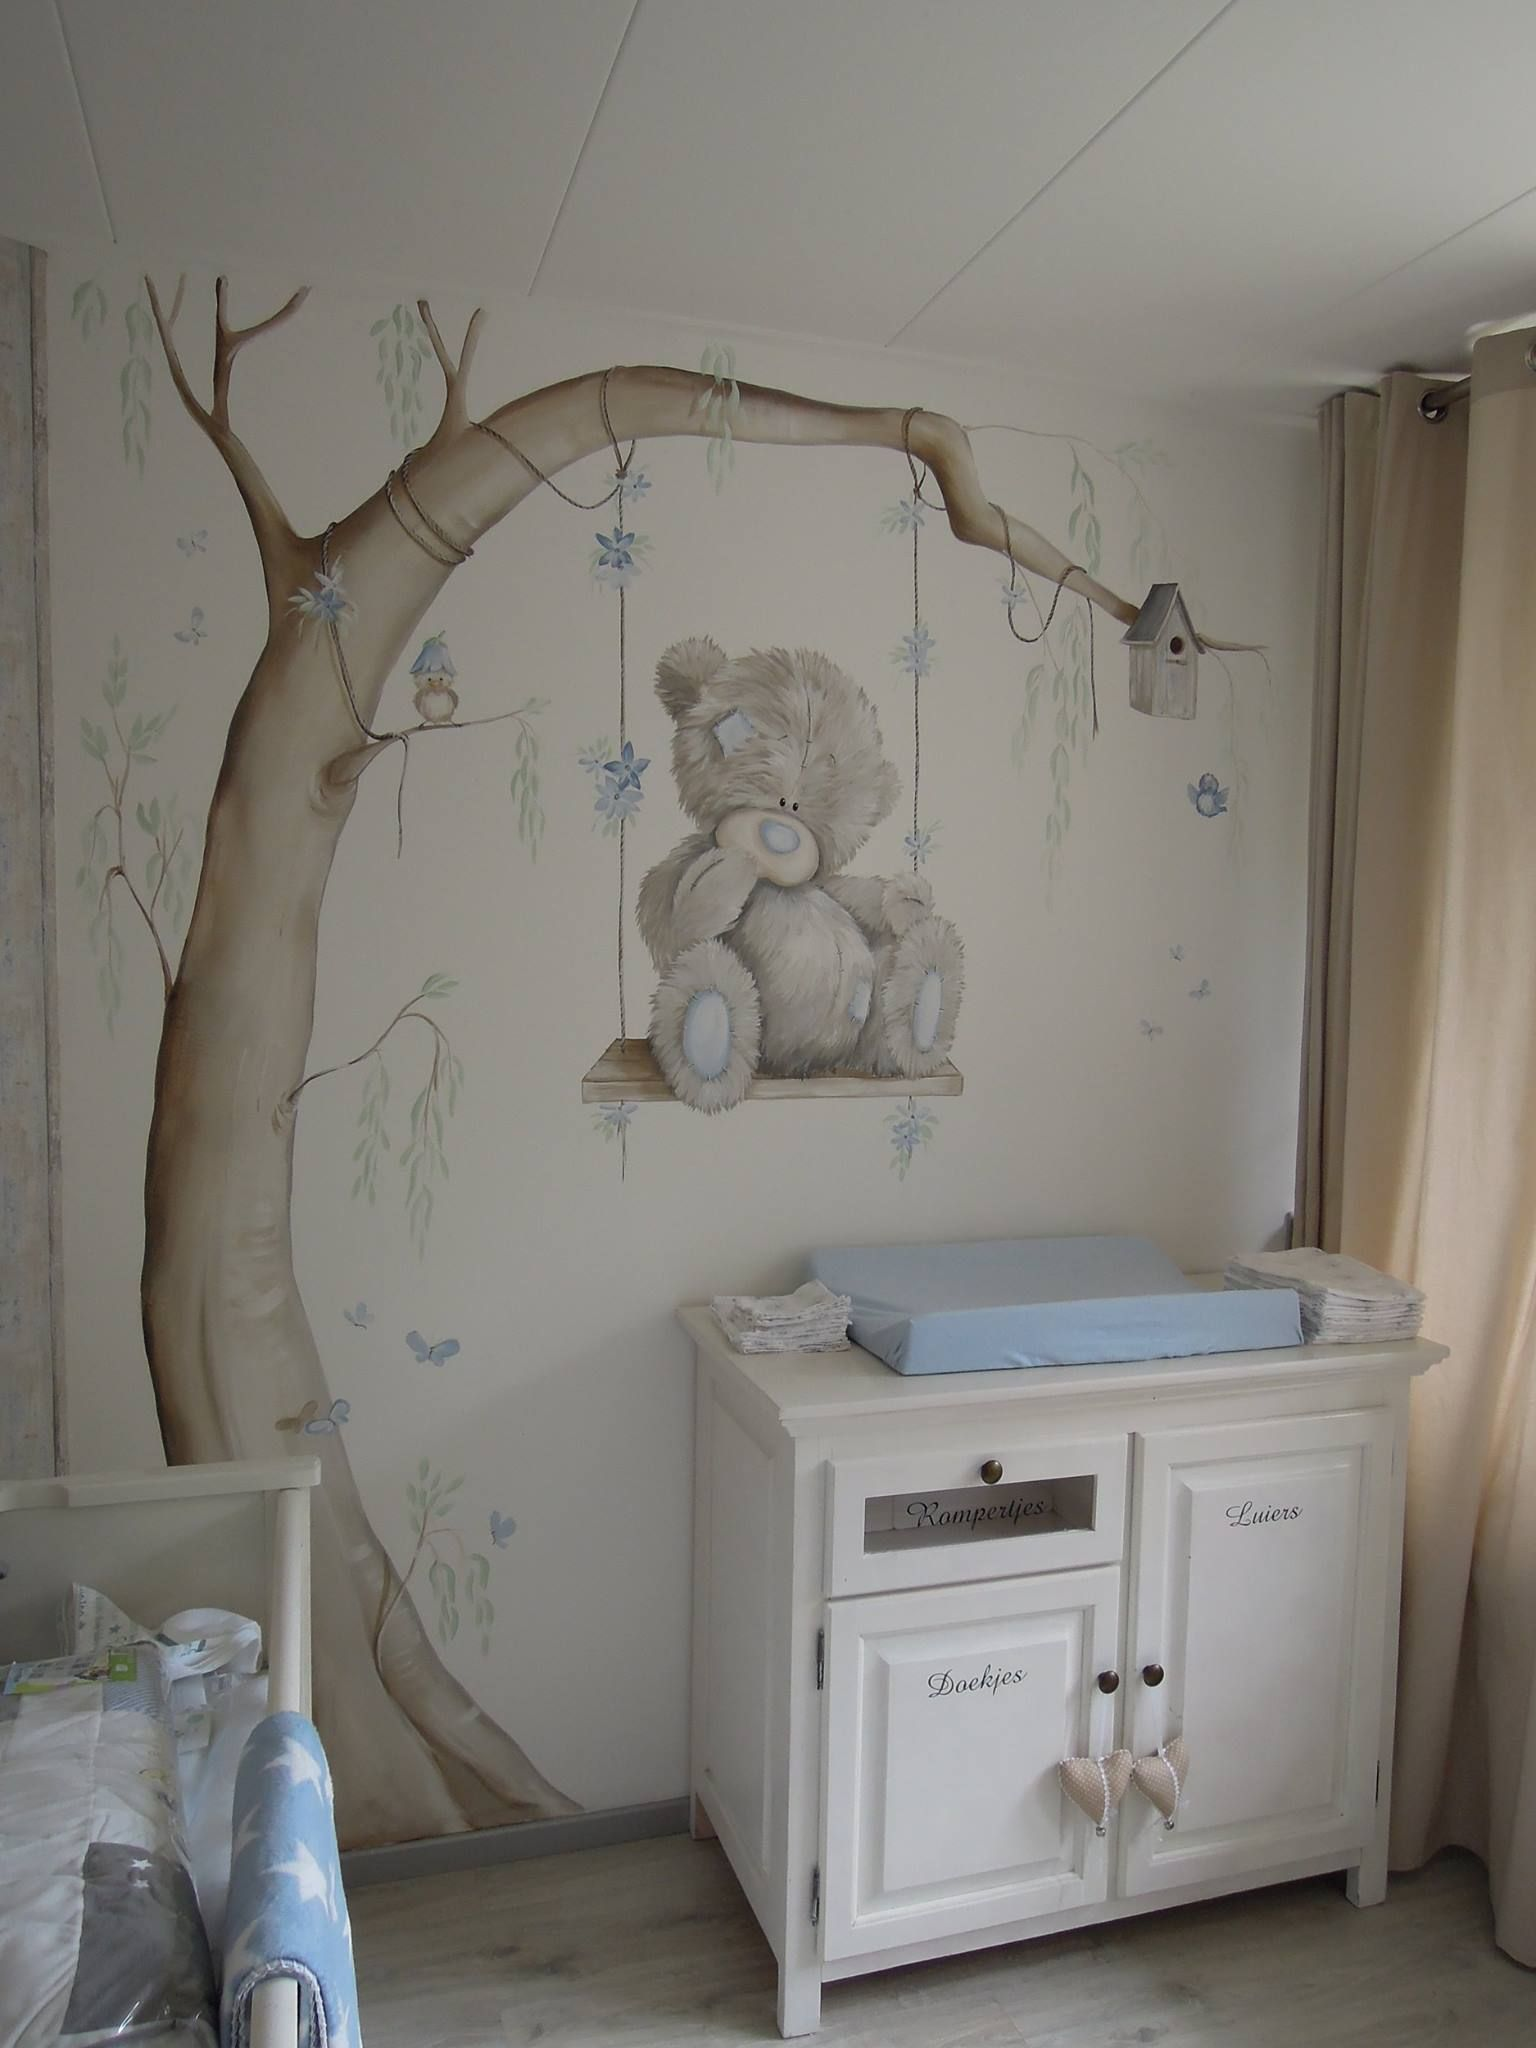 Pin von Donna Alpert auf Tattered teddy   Pinterest   Kinderzimmer ...